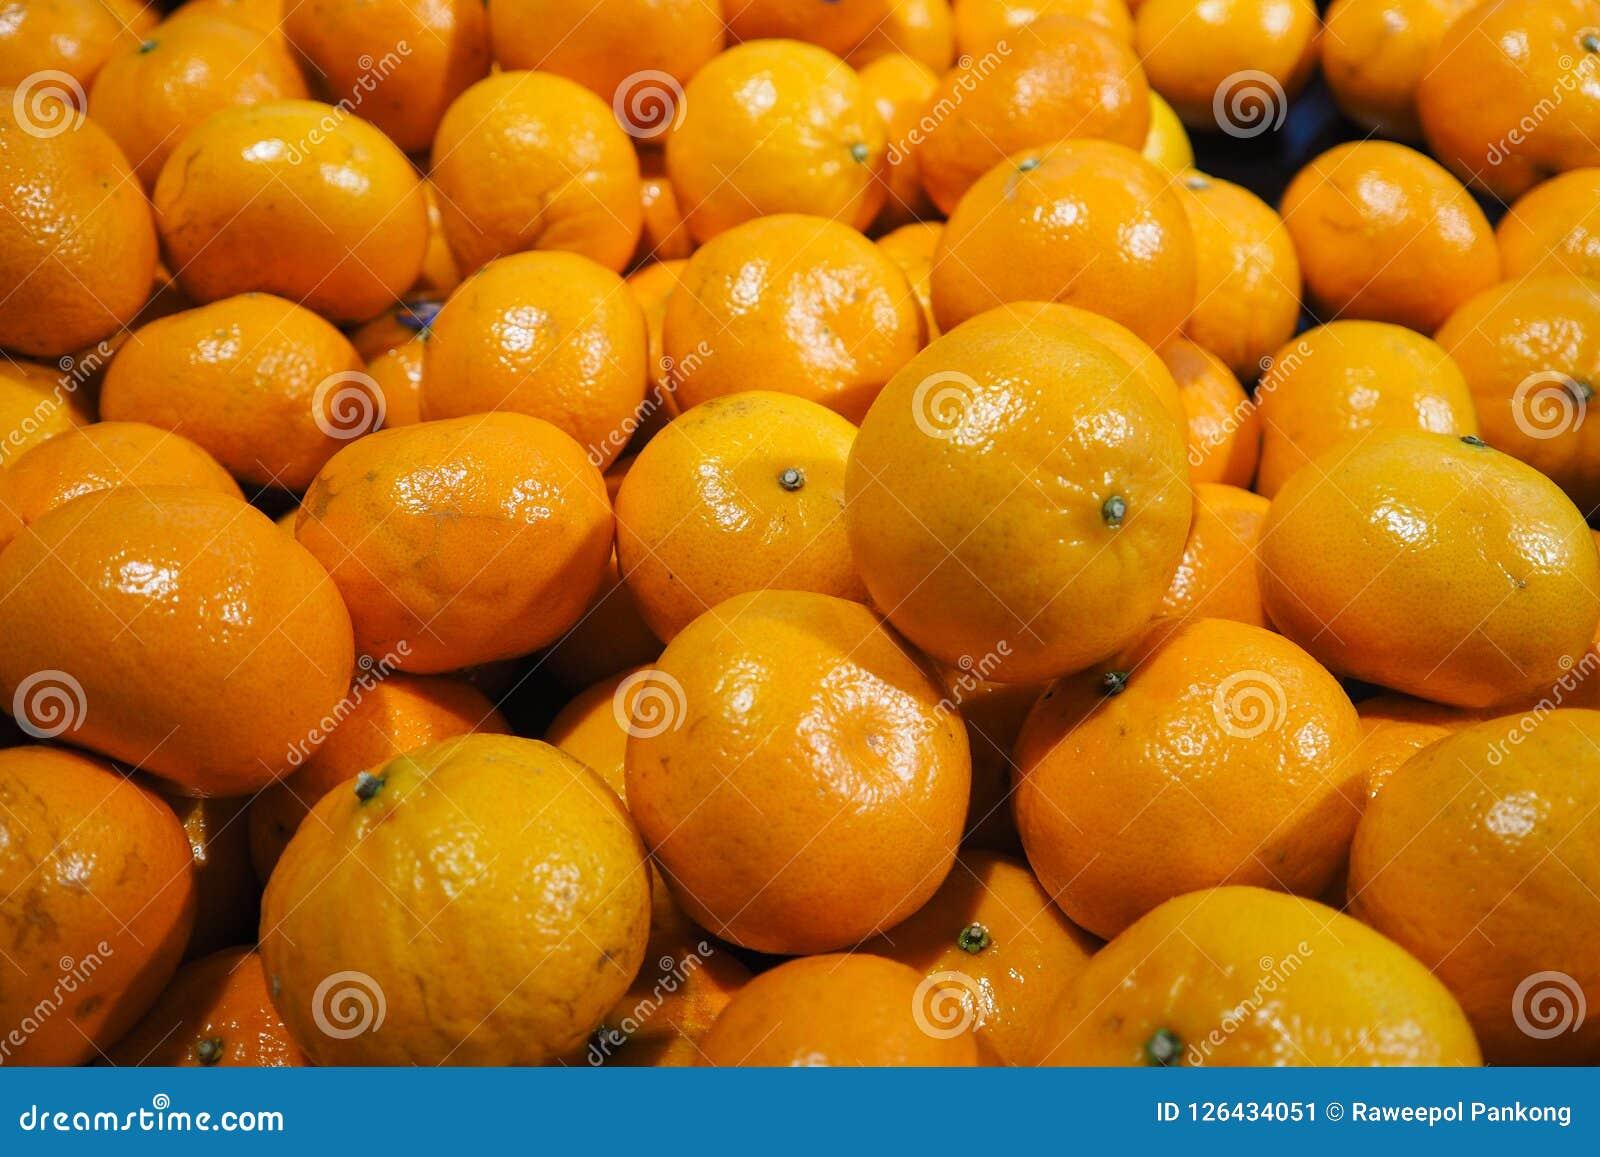 Molto mandarino